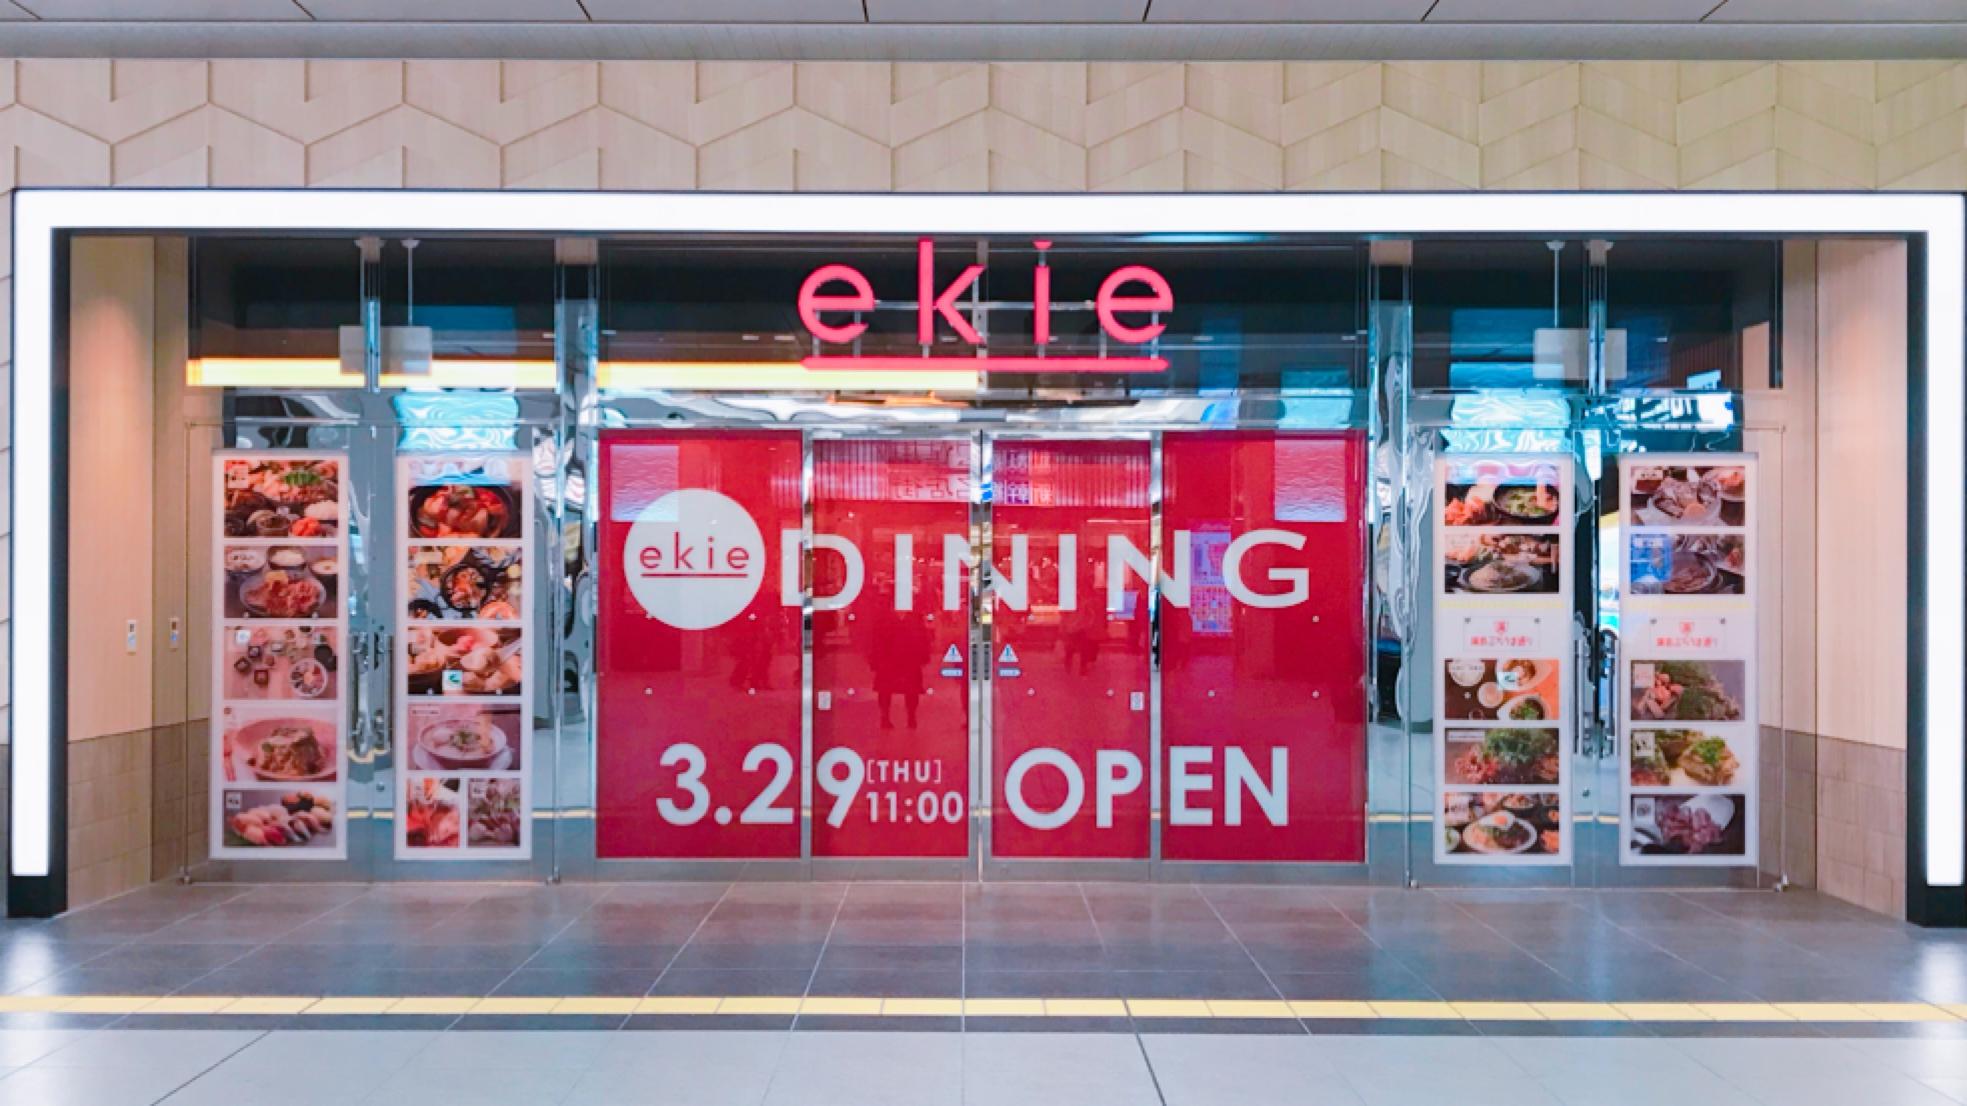 3/29 広島駅新幹線口にオープン!ekie DININGエキエダイニング